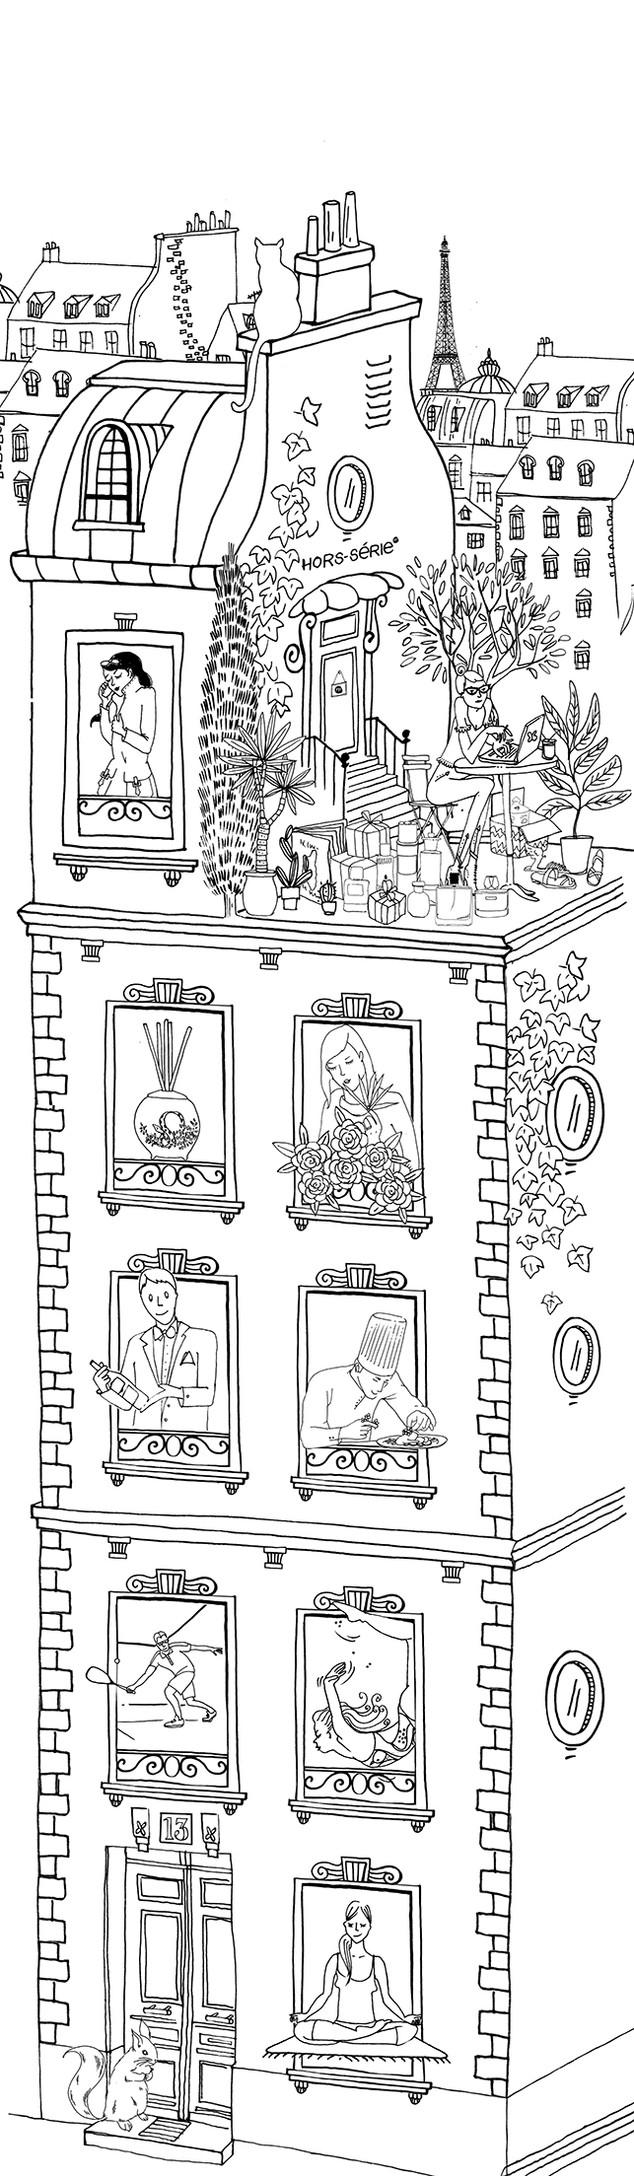 Illustration pour une carte de vœux pour l'agence de relation presse Hors Série.